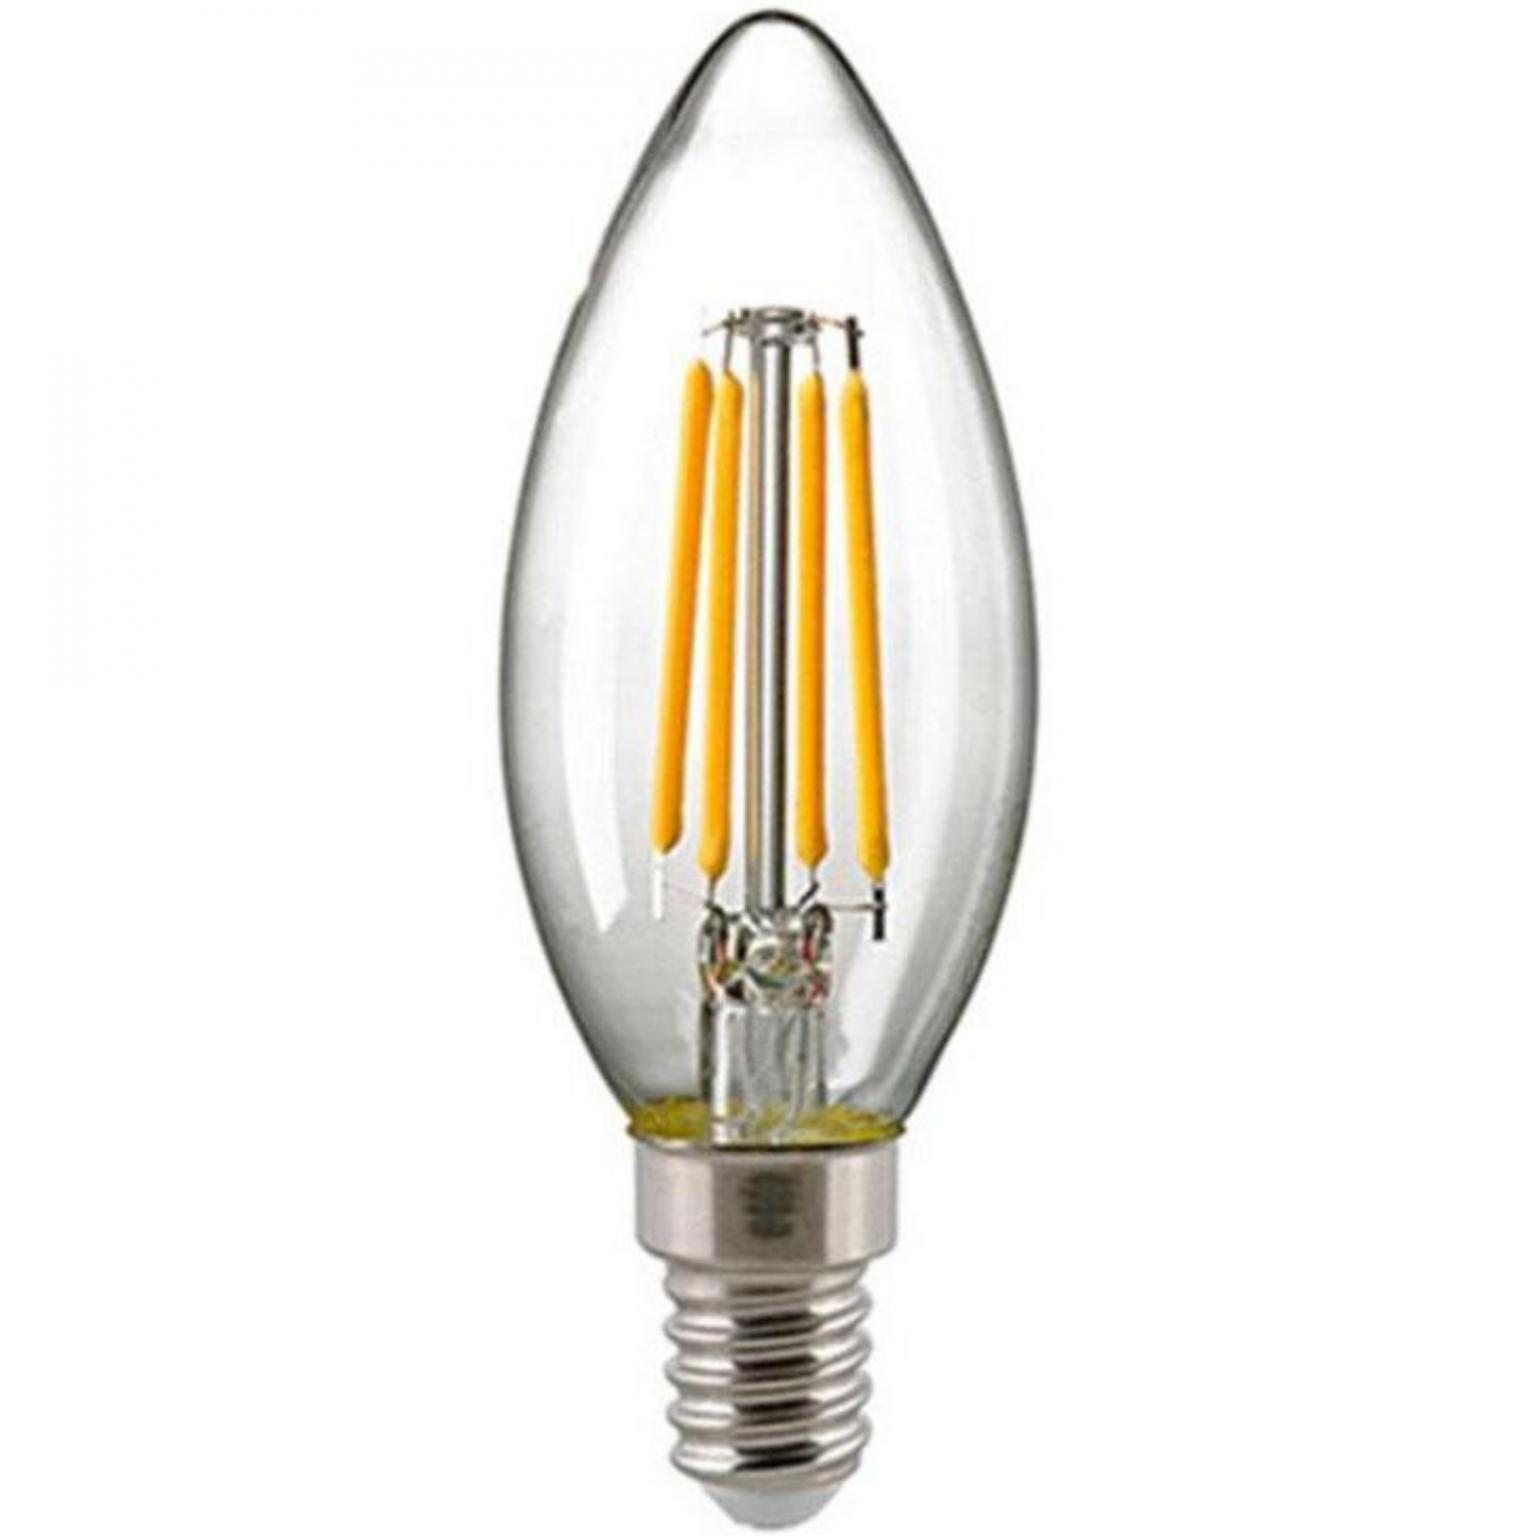 Afbeelding van Filament Lamp 470 lumen EGB